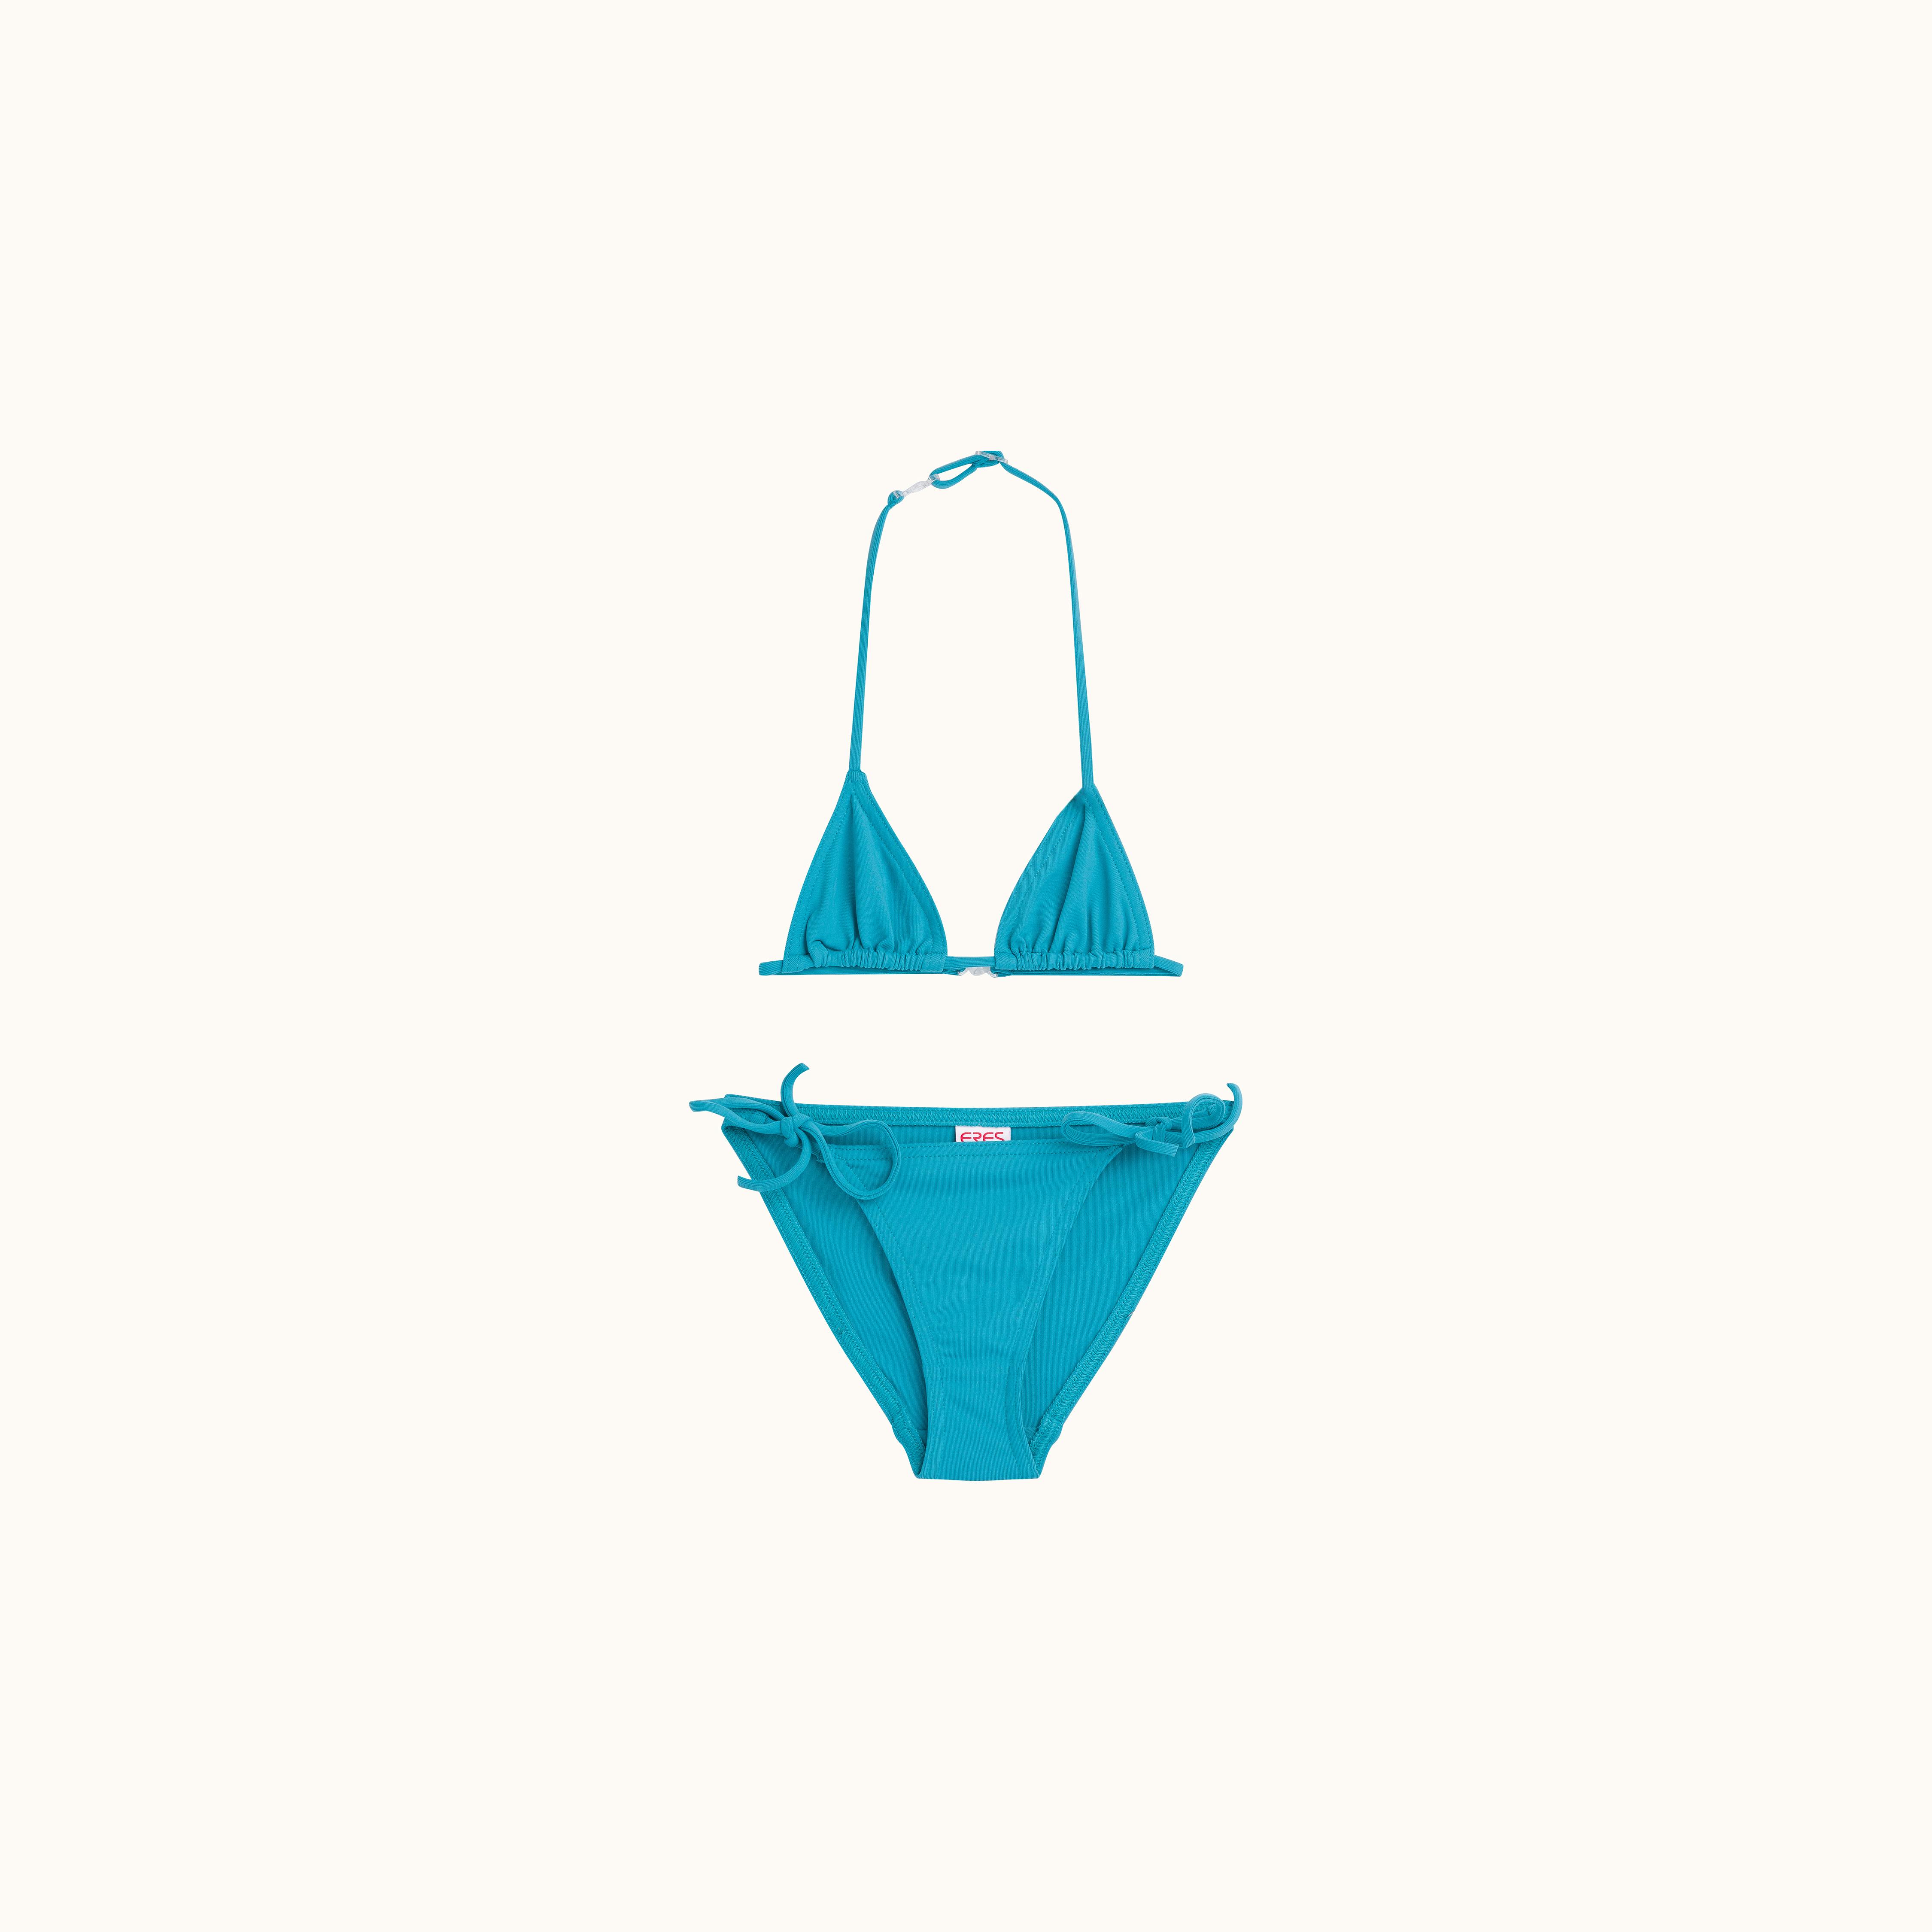 e0db3f15 970c 4a4c a745 251ce5a86989 - Eres y Bonpoint colaboran en una colección de  ropa de baño para niñas y madres